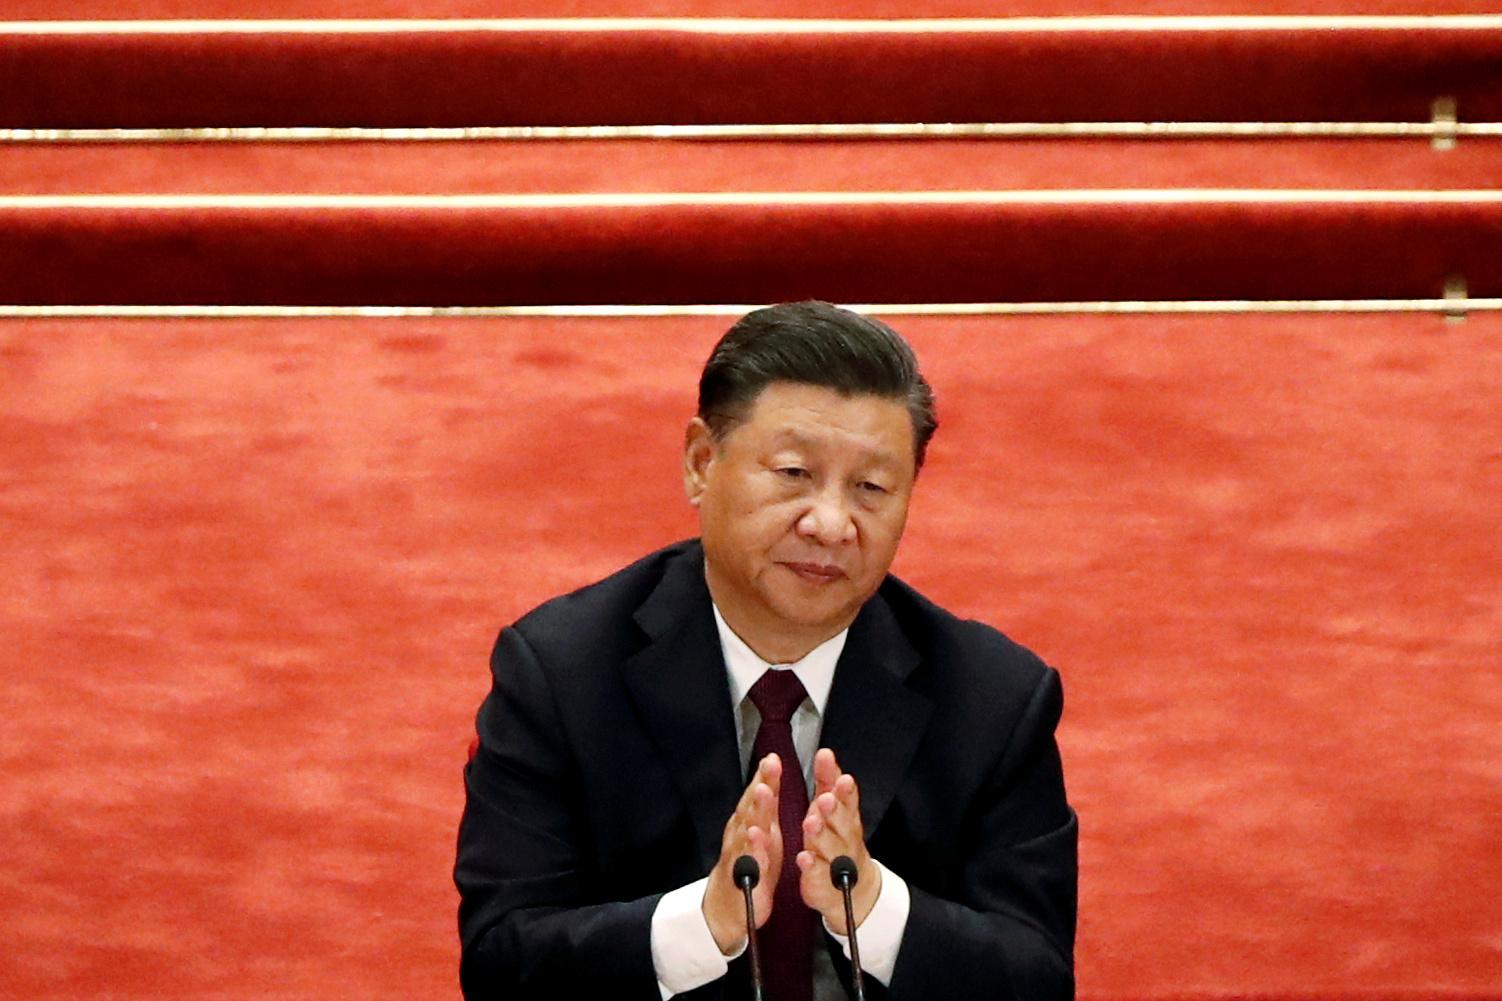 حين تعطس الصين تسعل آسيا وإفريقيا